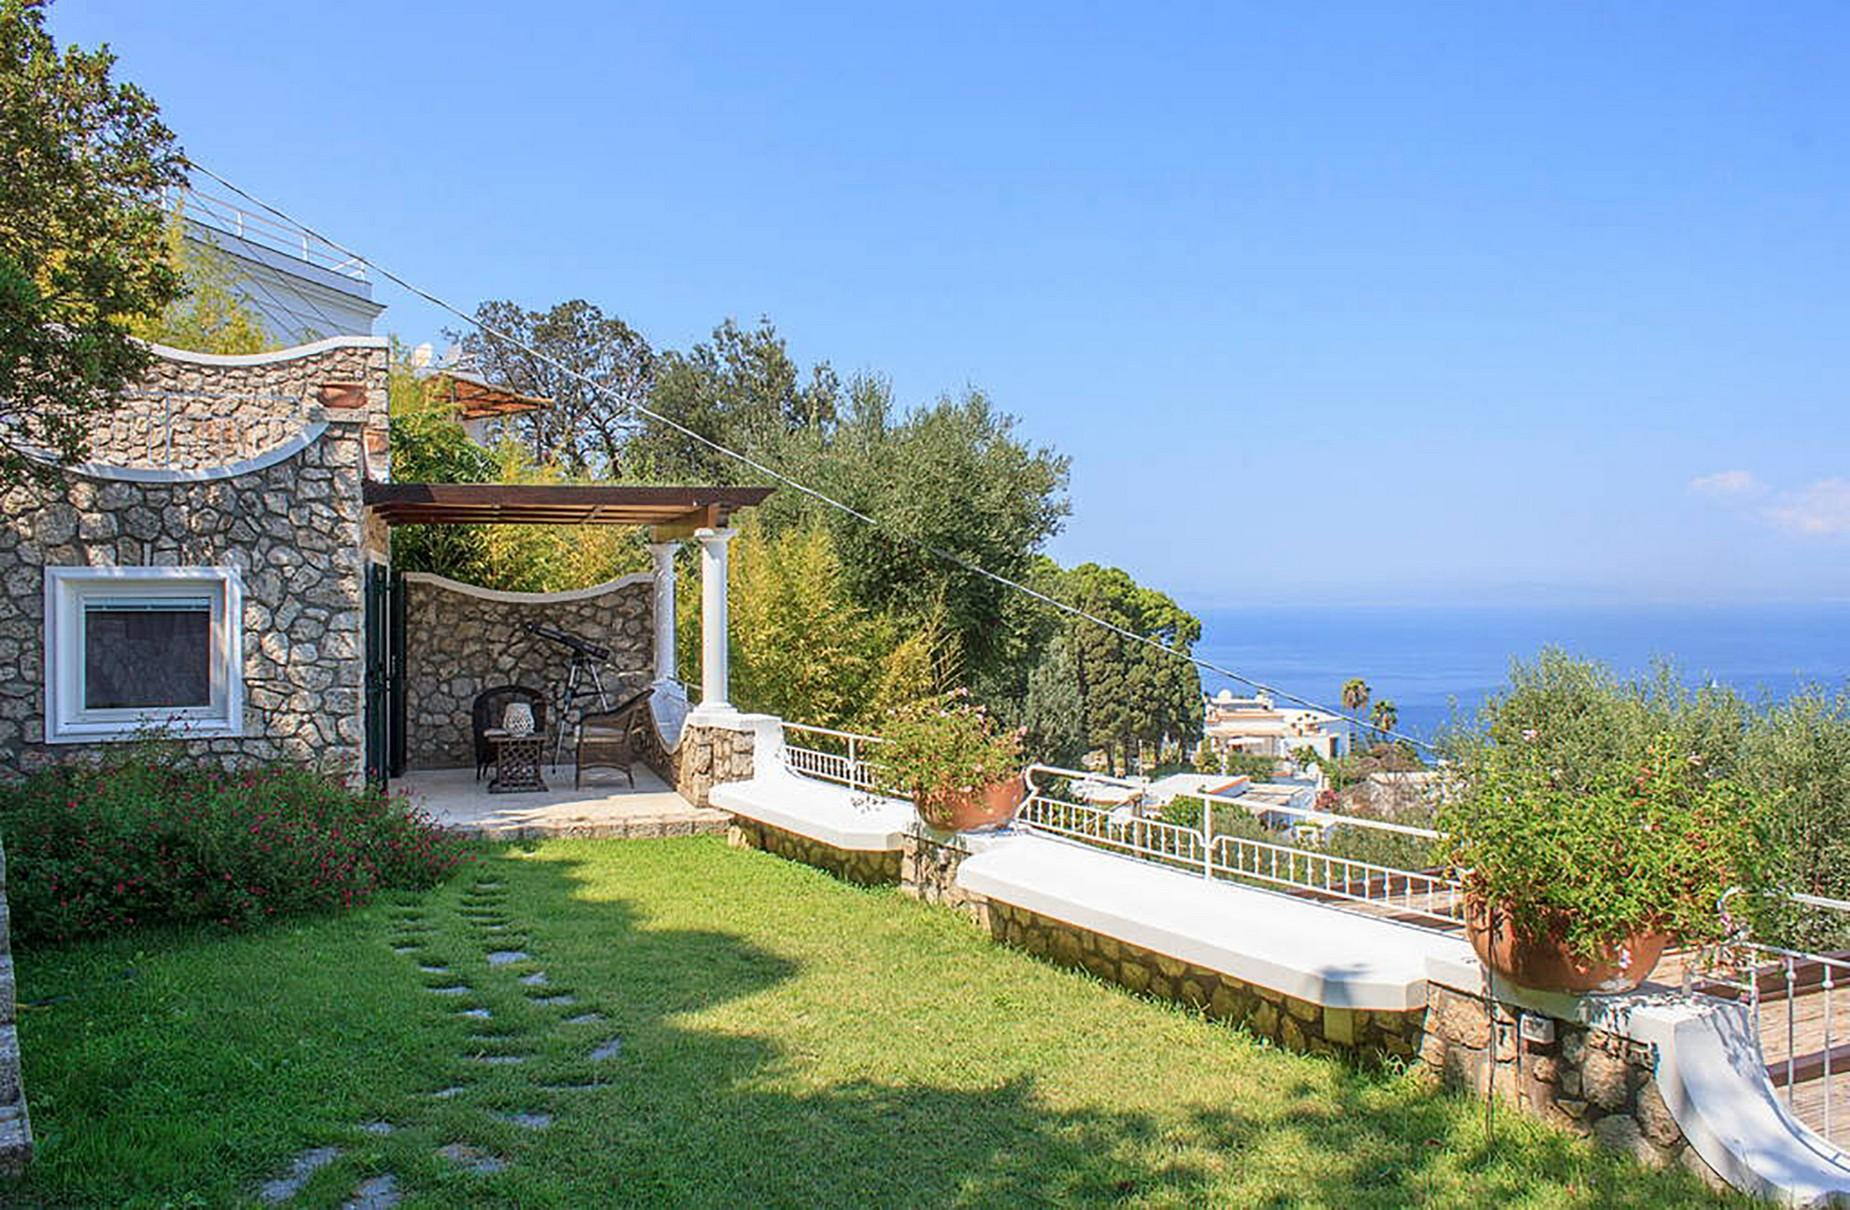 Очаровательная вилла с панорамным бассейном в центре легендарного острова Капри, Италия - 4